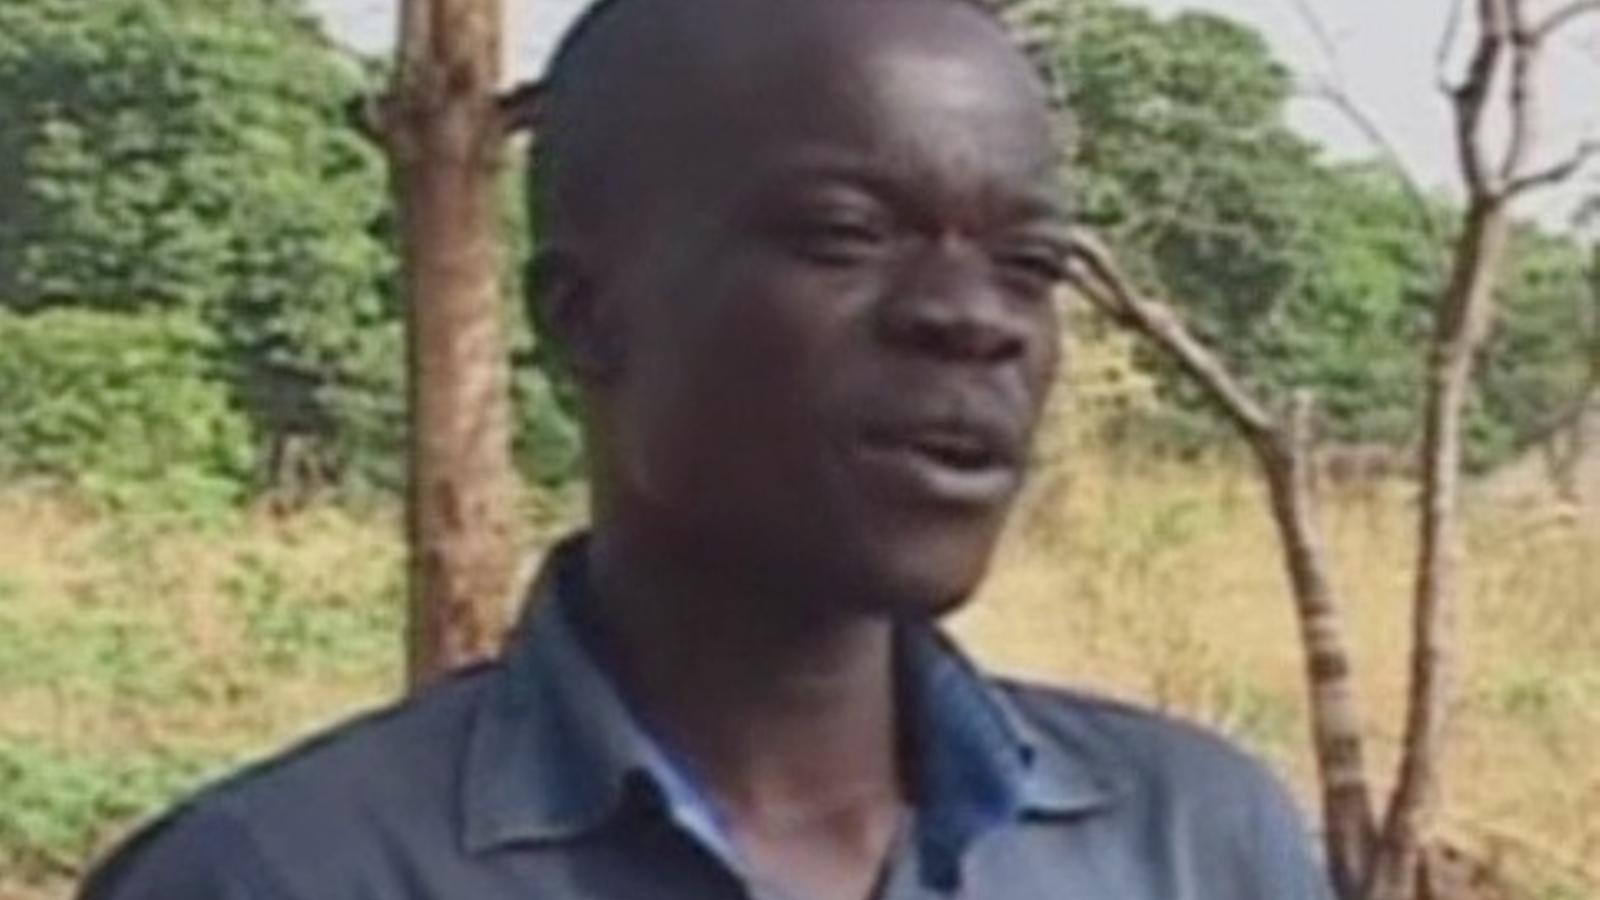 Centres per recuperar els nens del comandant Kony